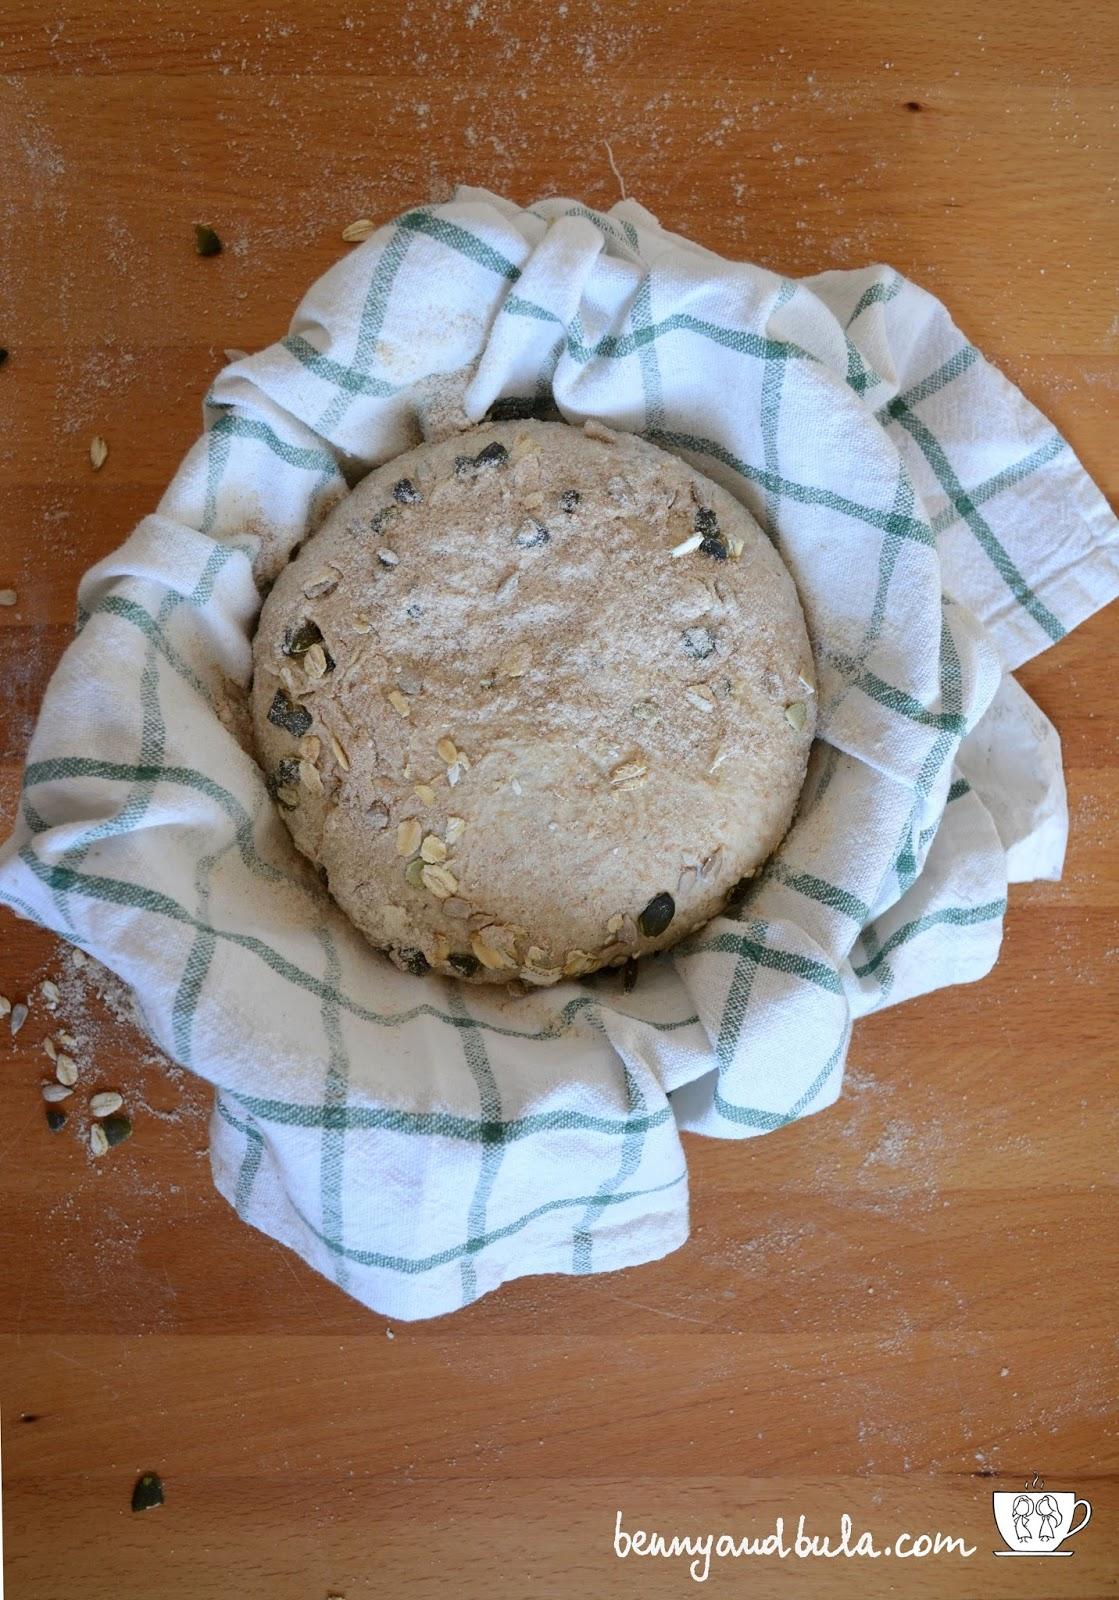 ricetta pane multicereali e semi/seeded multigrain bread recipe